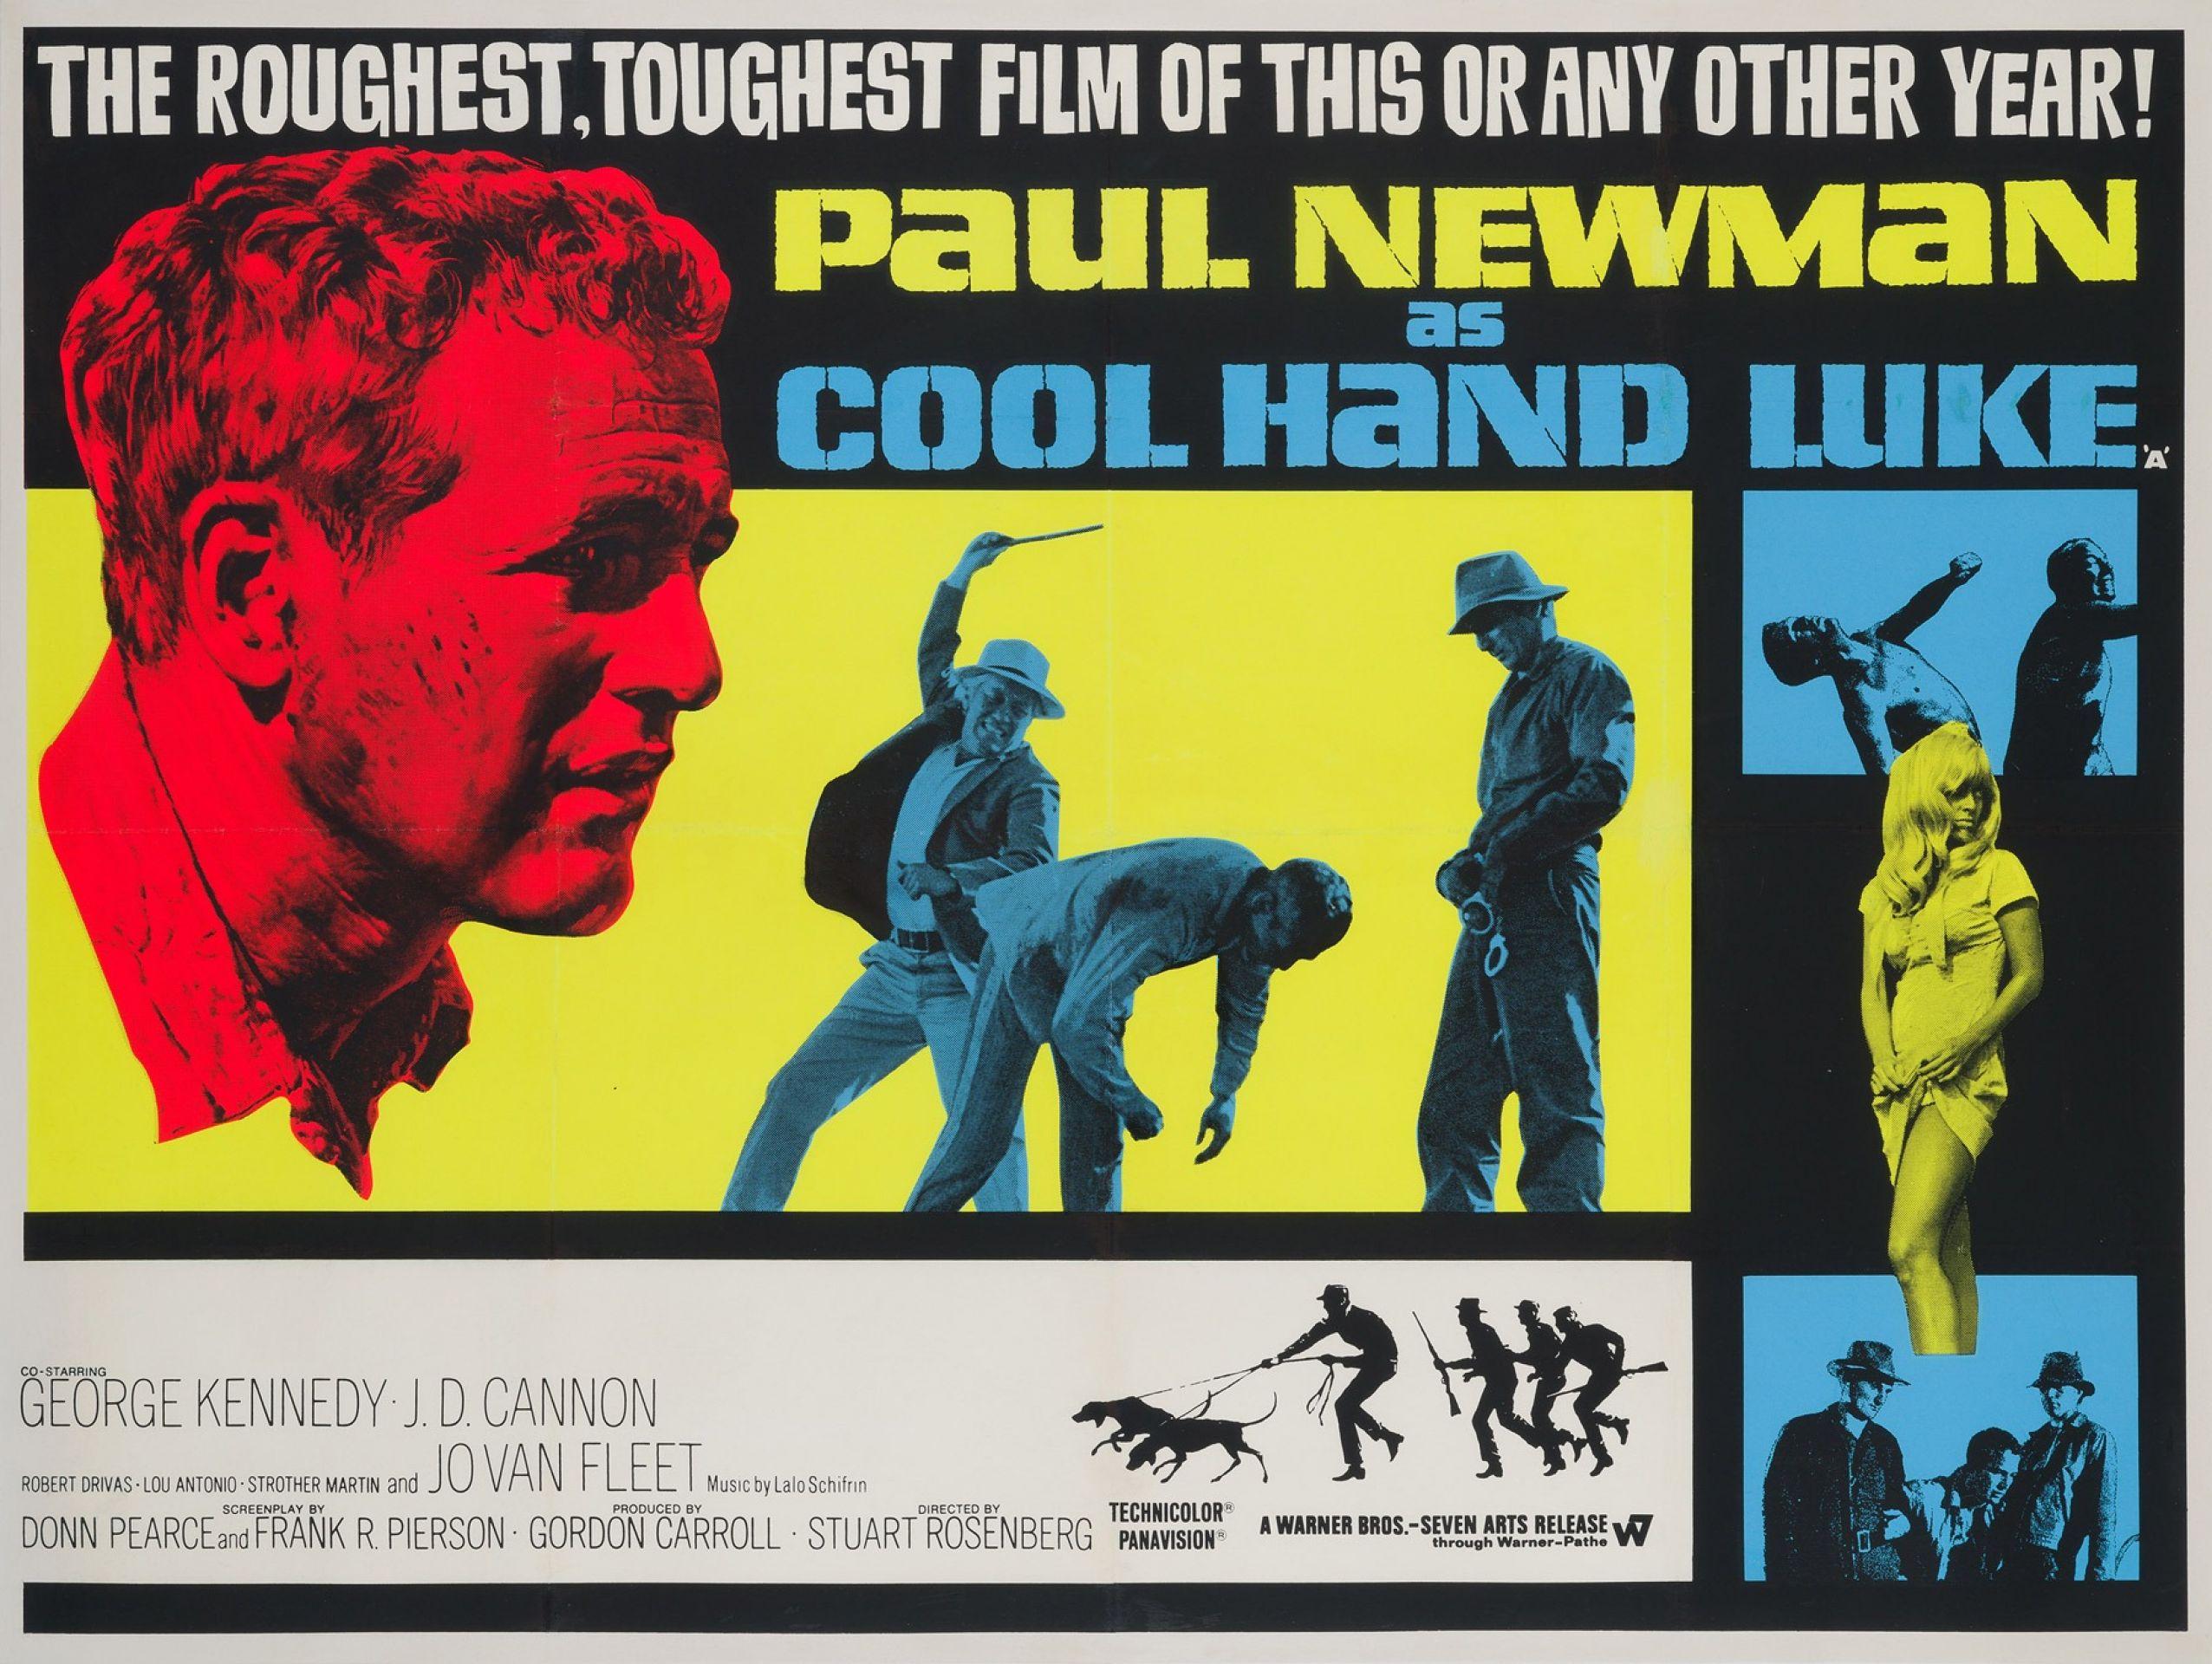 Original Cool Hand Luke 1967 British Film Movie Poster